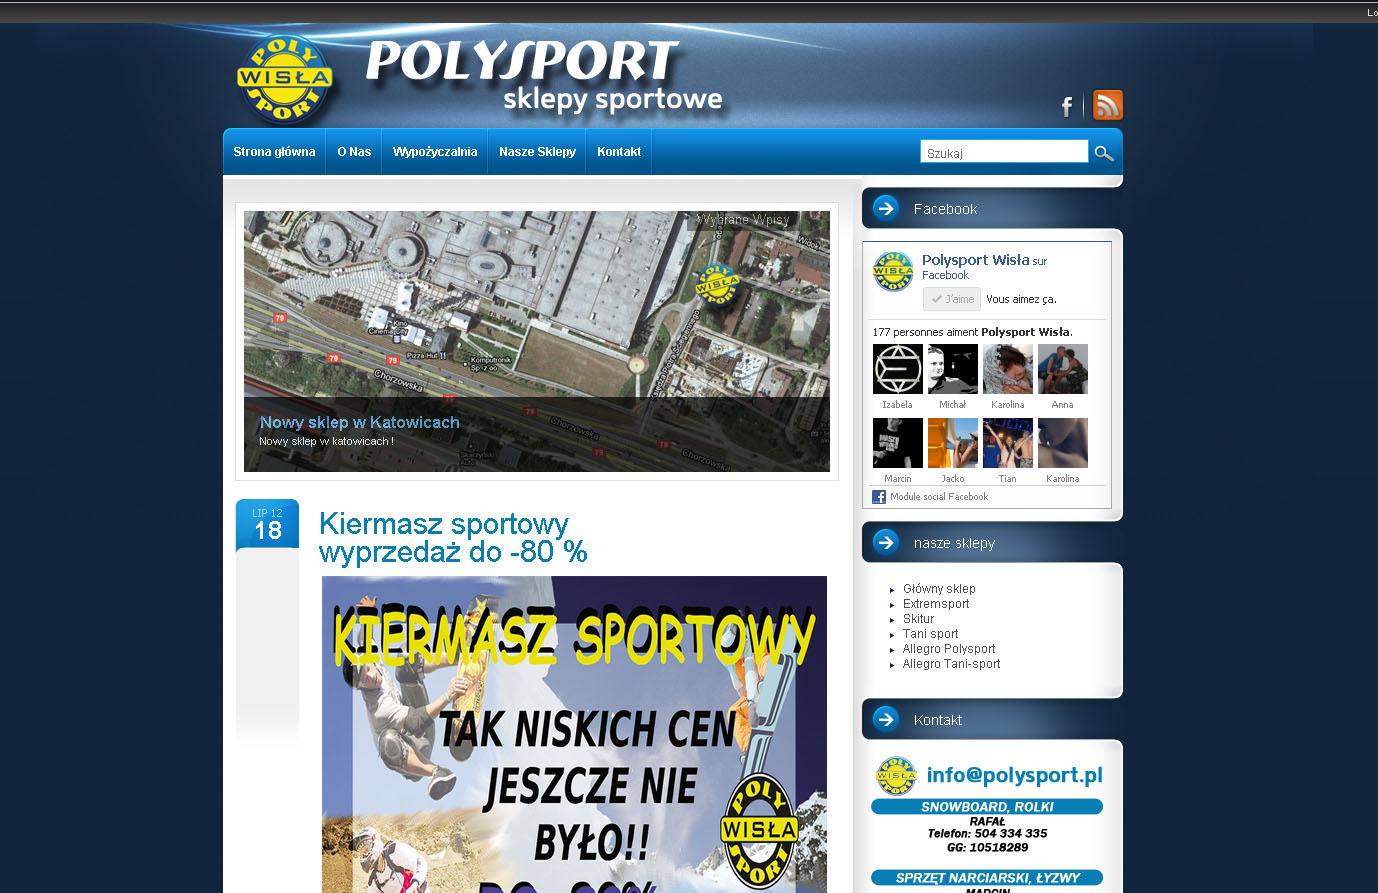 Polysport Wisła